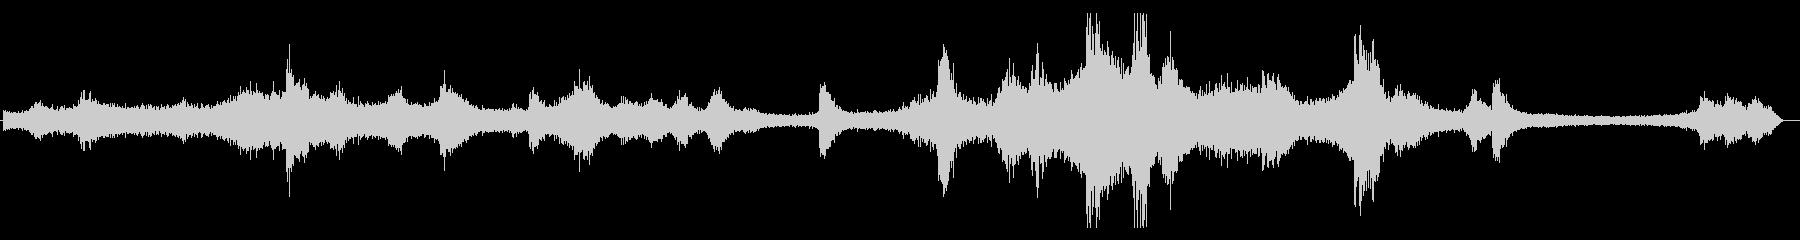 レインボーブリッジの音(歩道部分で録音)の未再生の波形